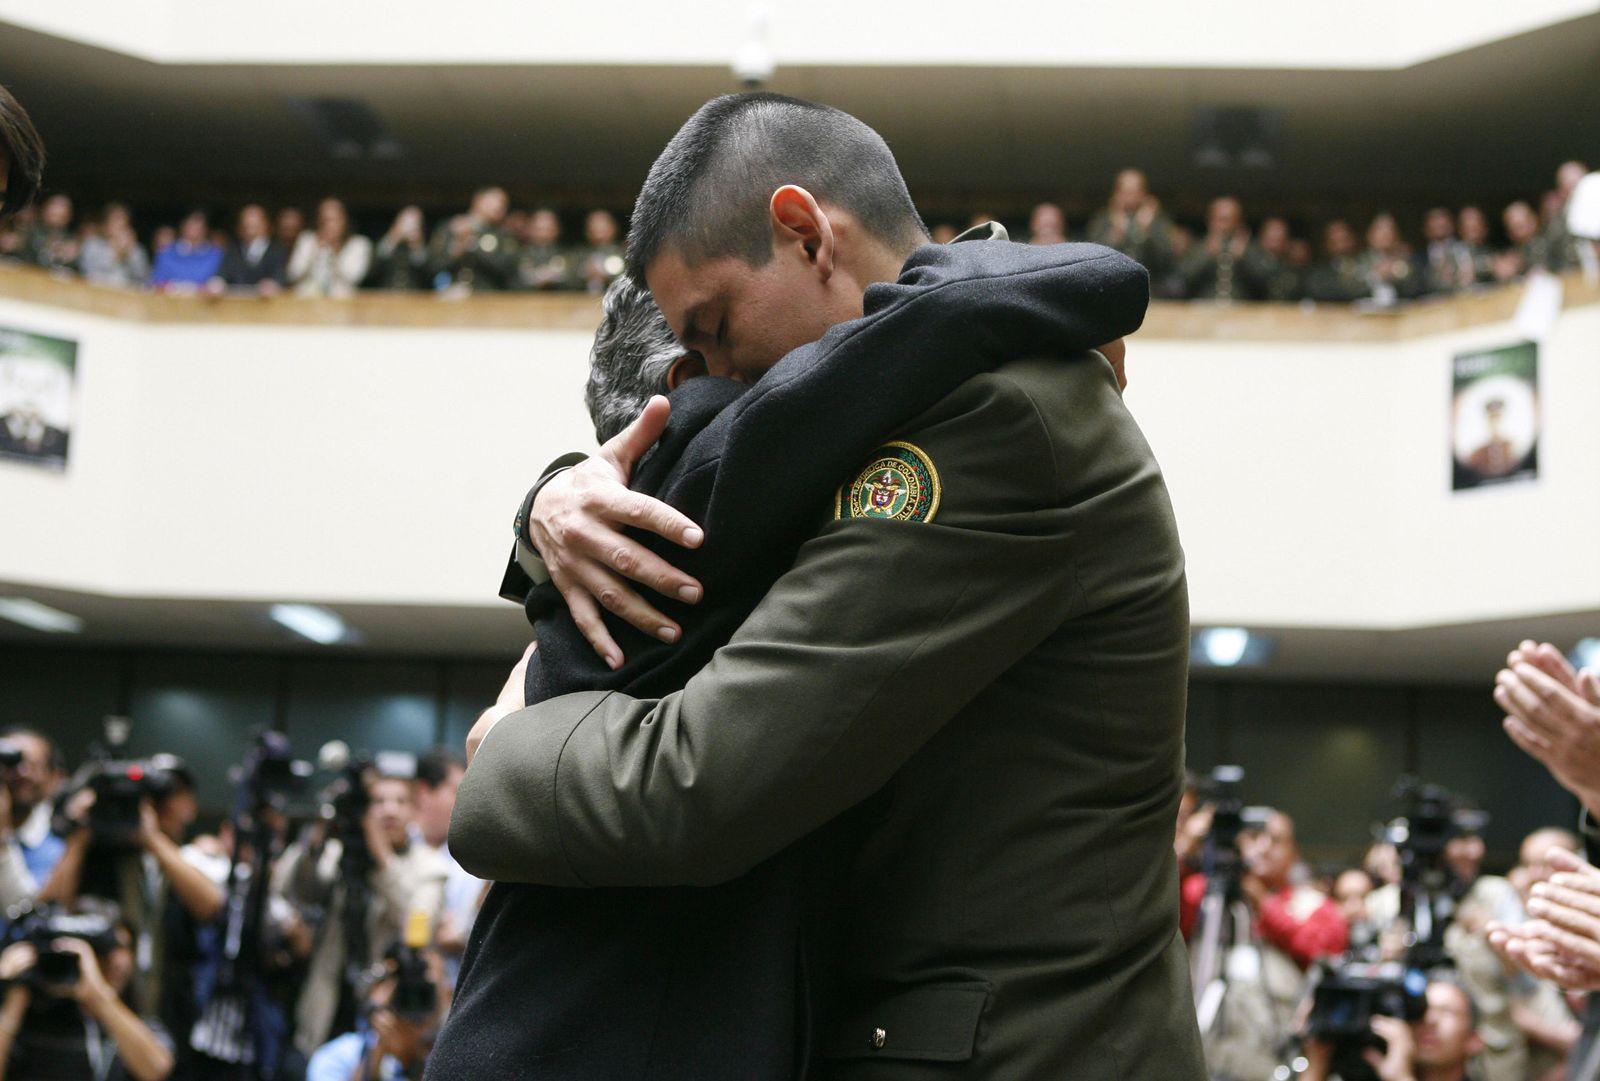 Foto: El oficial John Duran abraza a Emperatriz Guevara, cuyo hijo murió durante su secuestro por las FARC, en Bogotá, el 7 de julio de 2008 (Reuters):